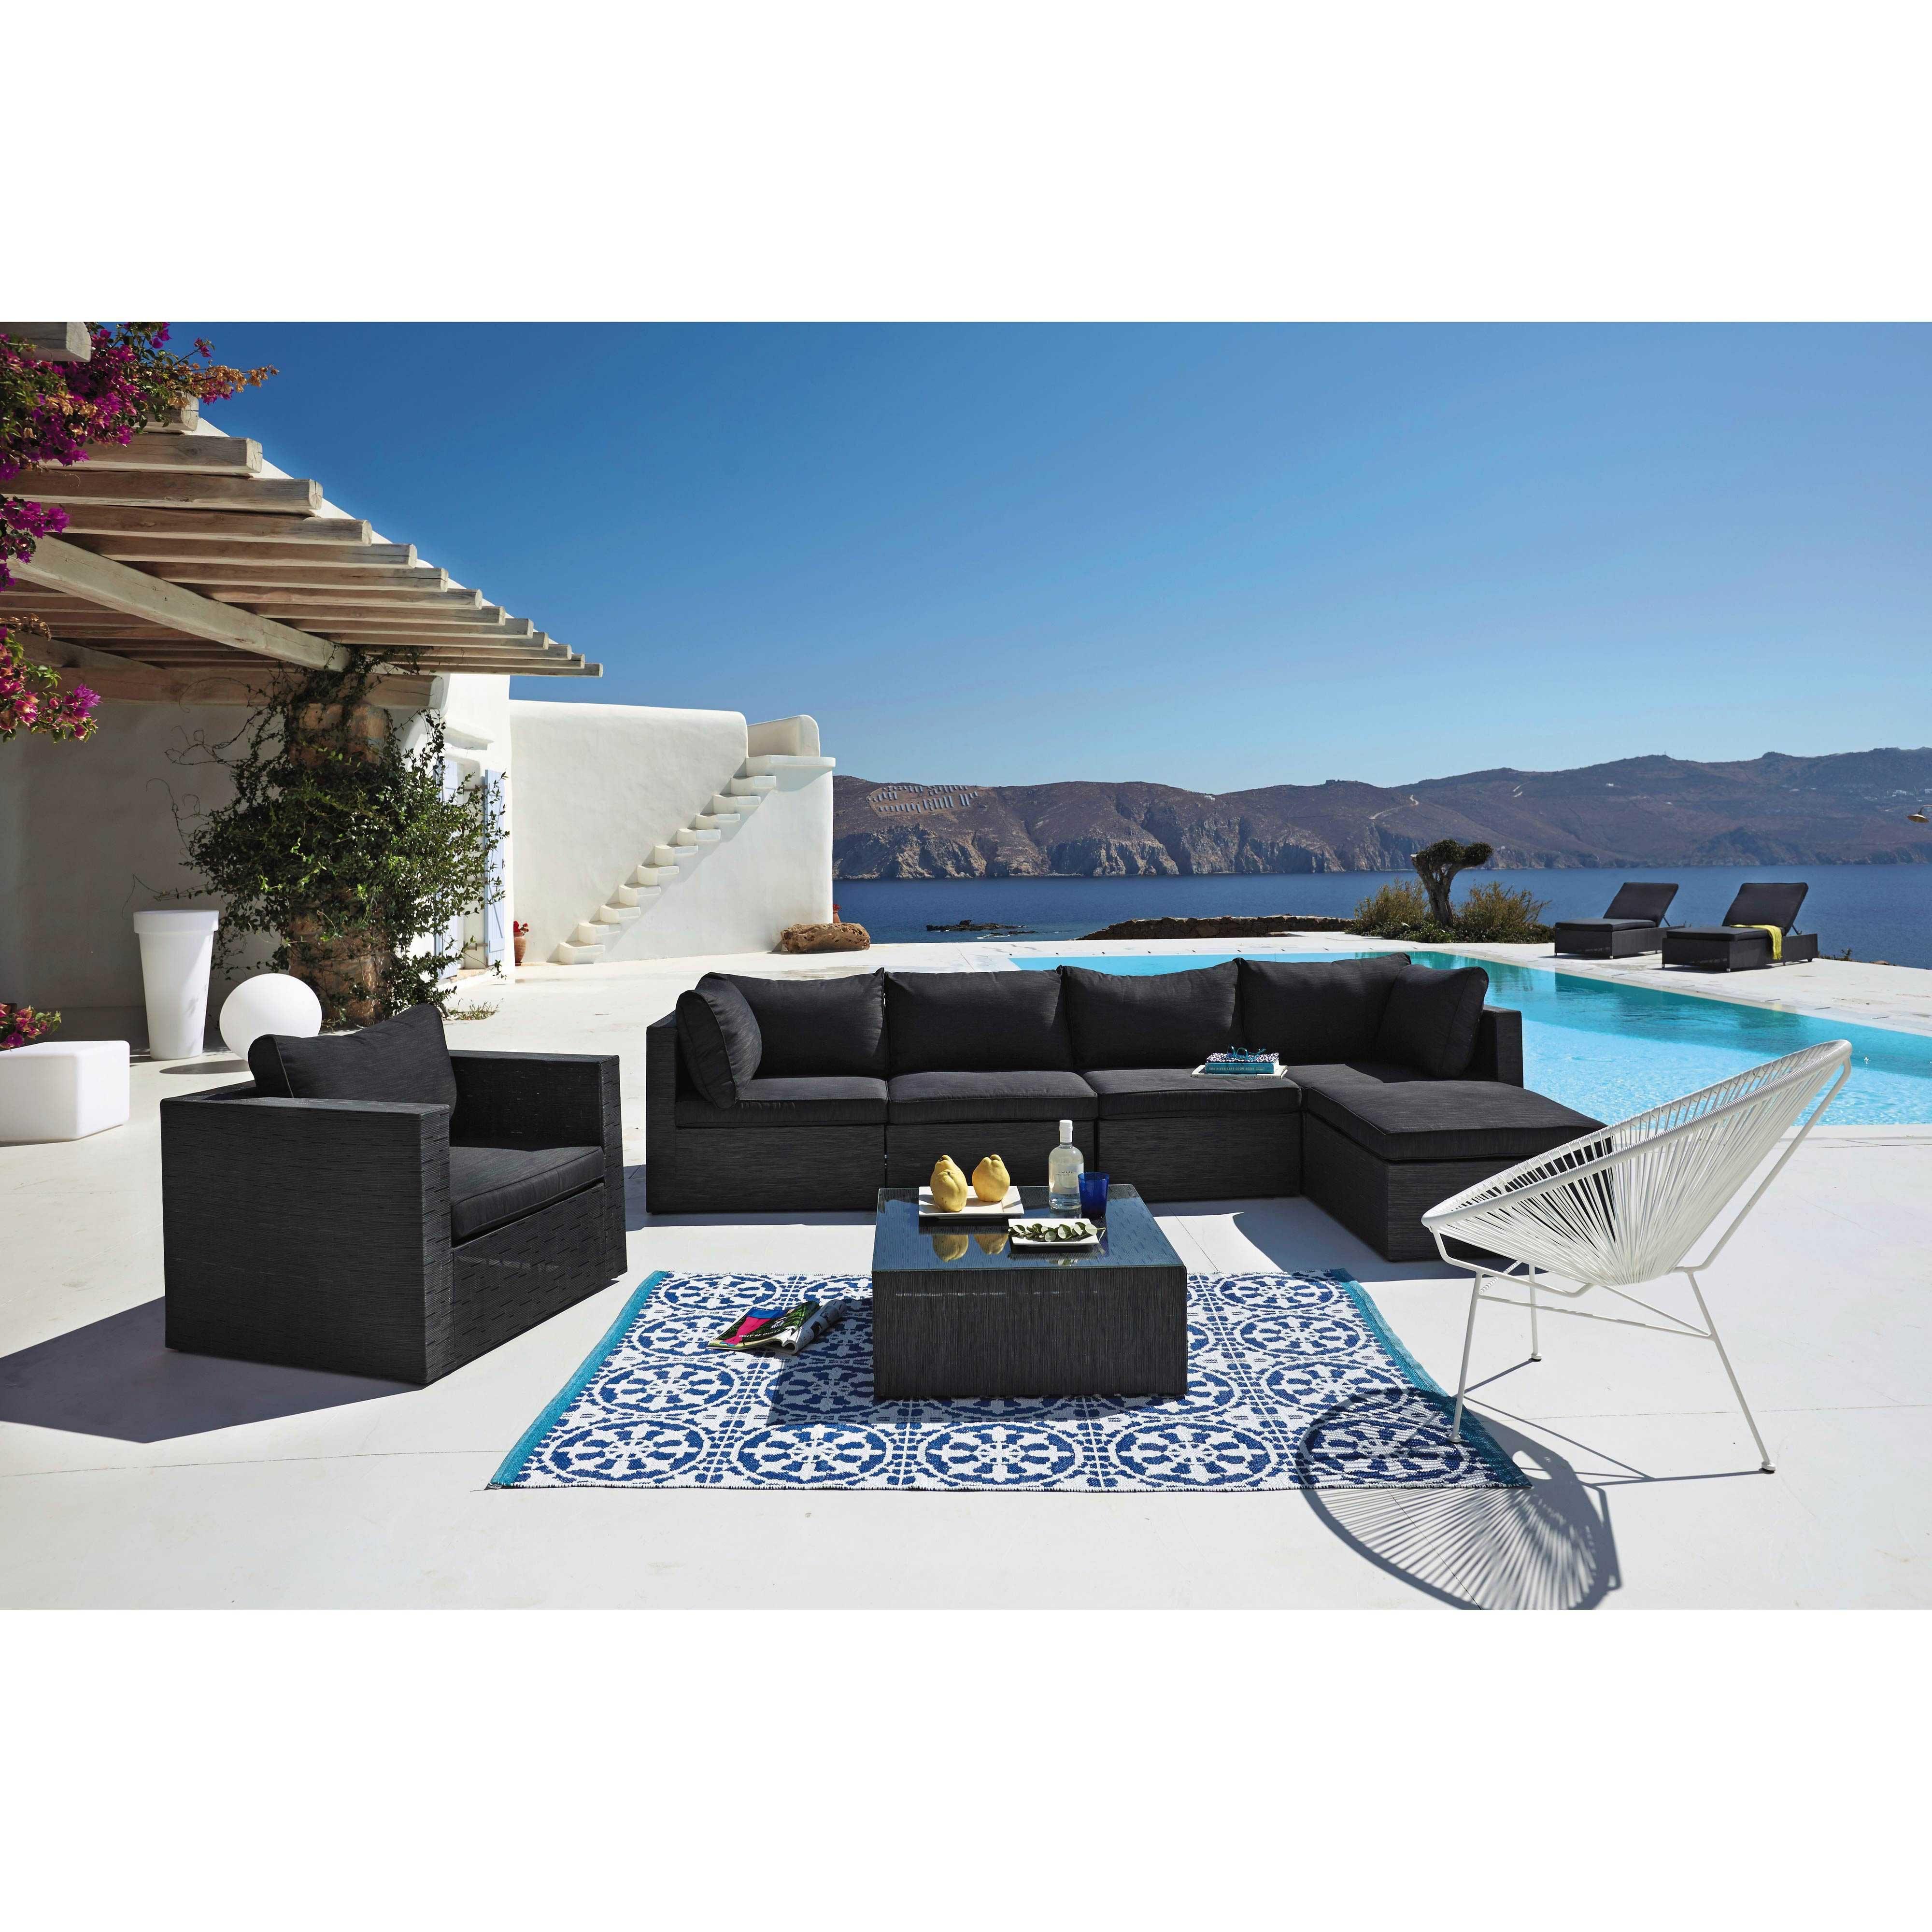 les 25 meilleures id es de la cat gorie tapis d ext rieur. Black Bedroom Furniture Sets. Home Design Ideas